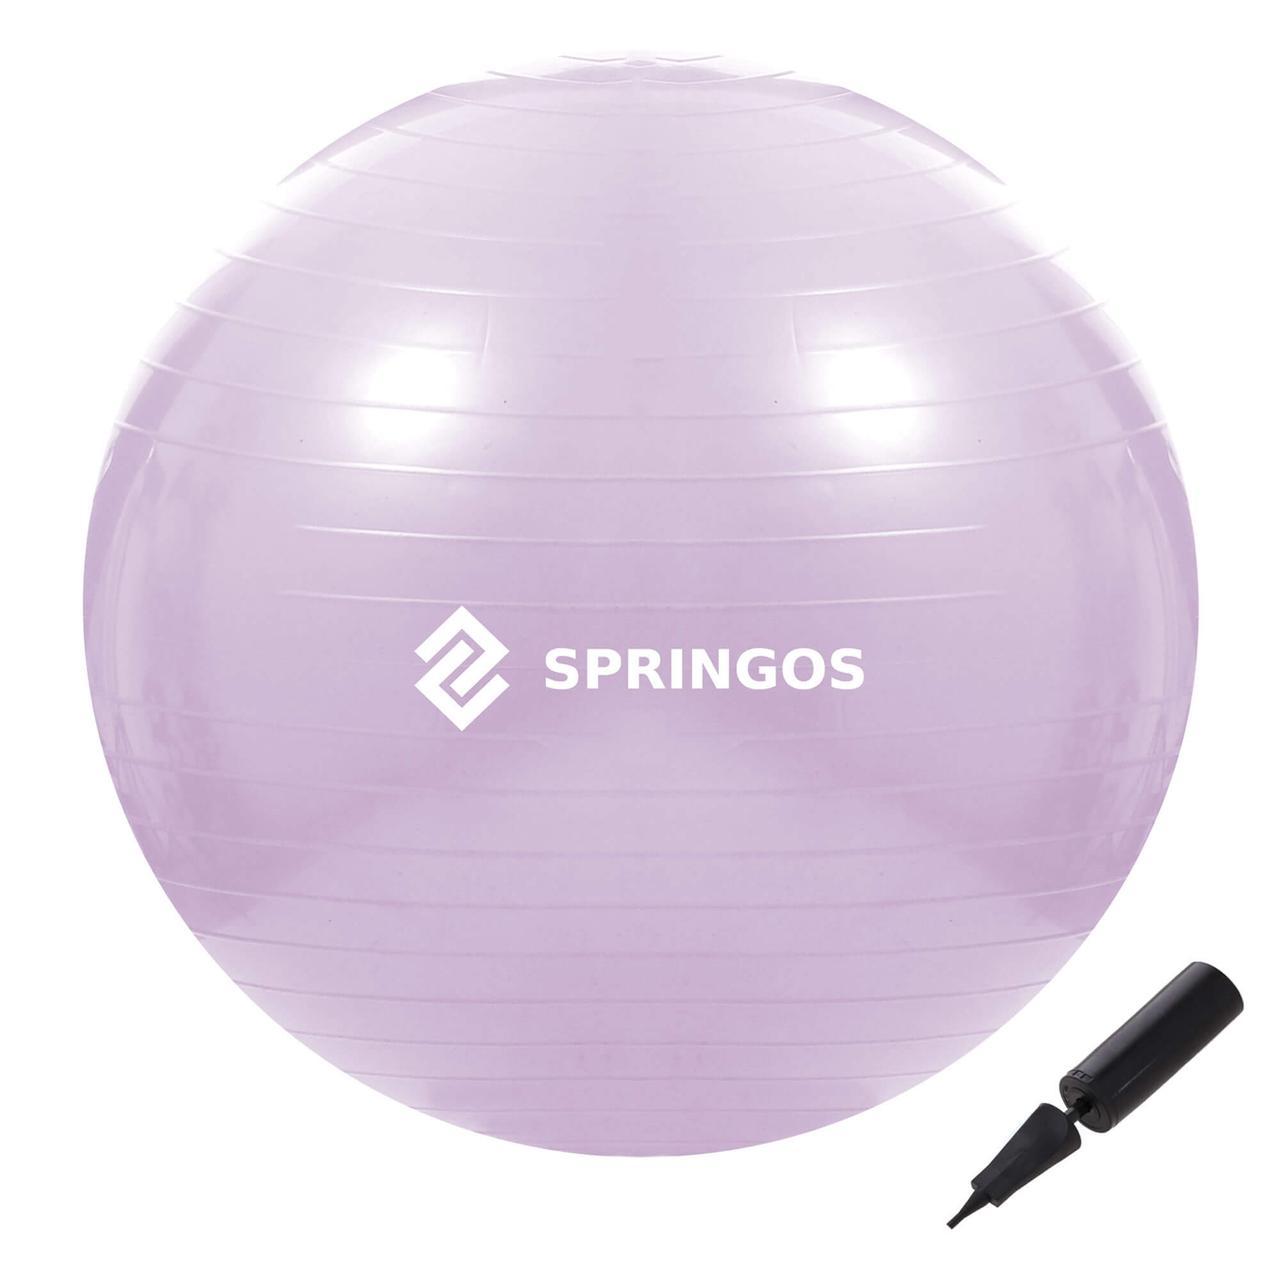 Мяч для фитнеса (фитбол) шар Springos 65 см Anti-Burst FB0011 фиолетовый. Гимнастический мяч